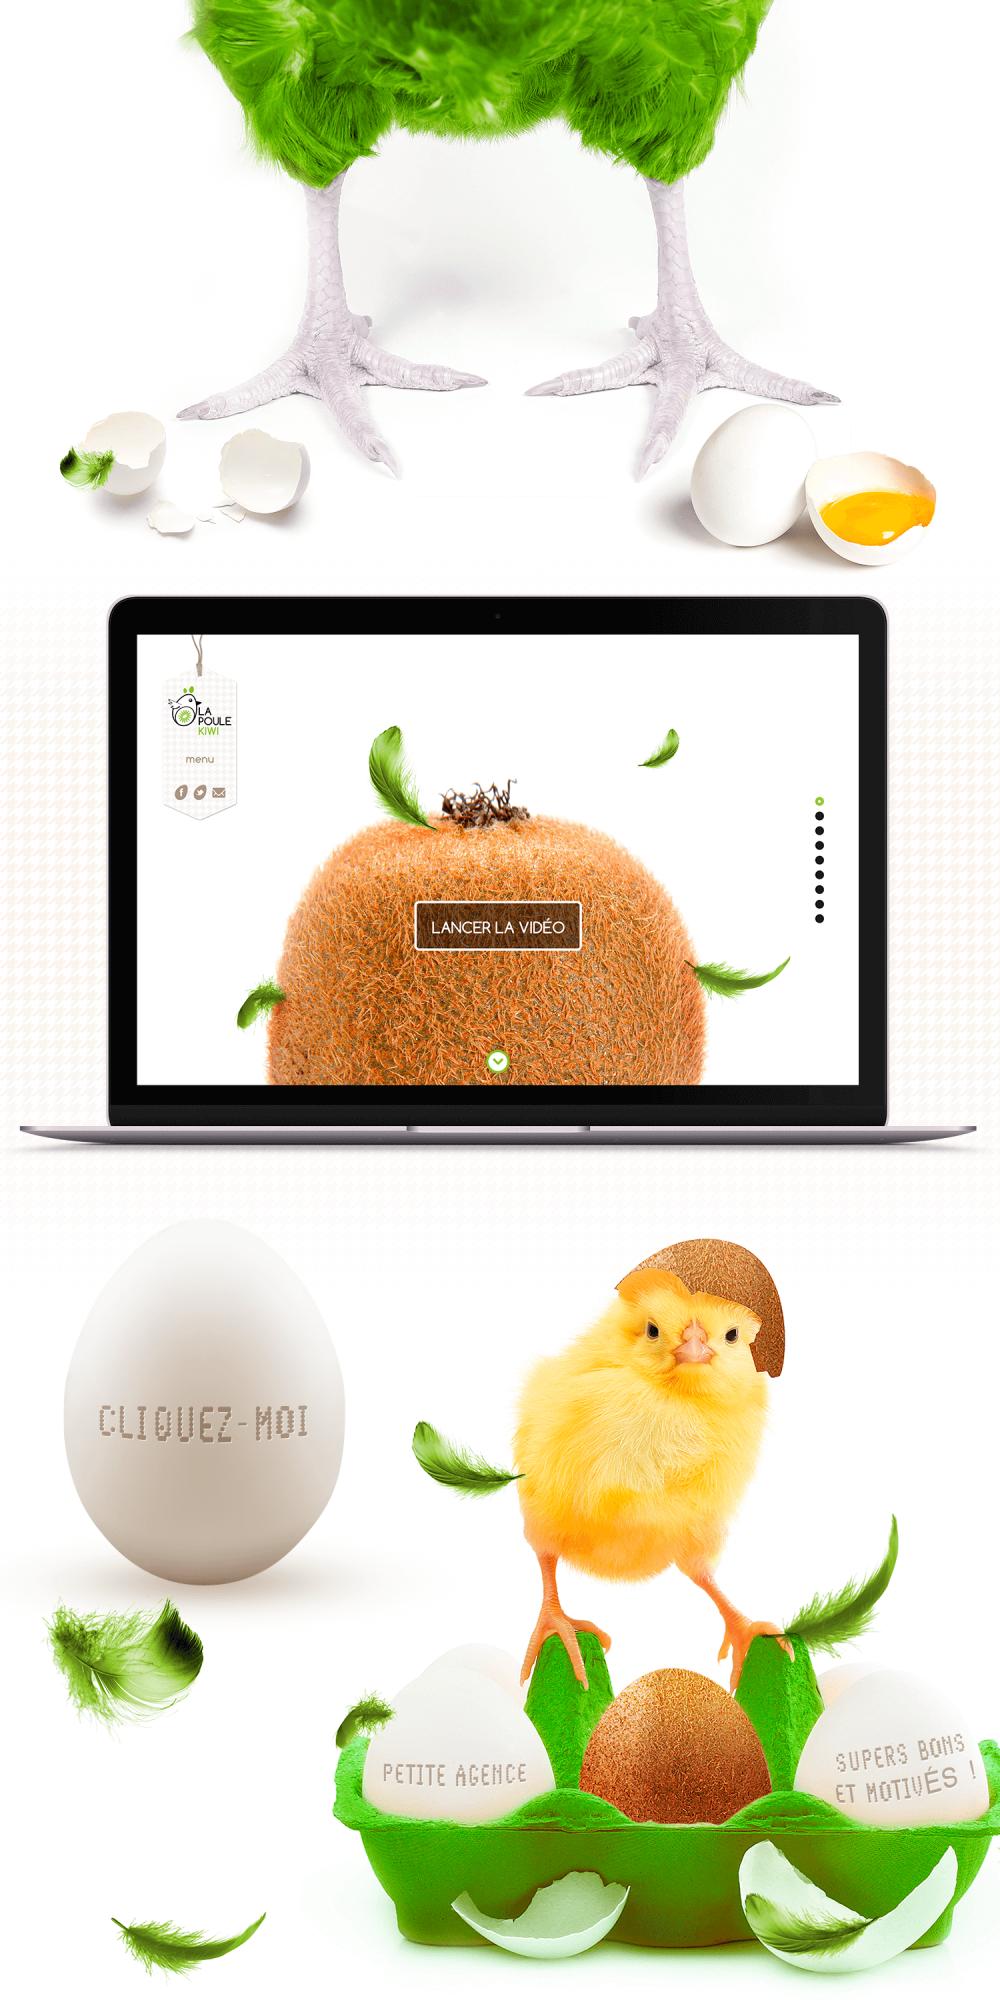 La poule kiwi - Réalisation du site internet et de l